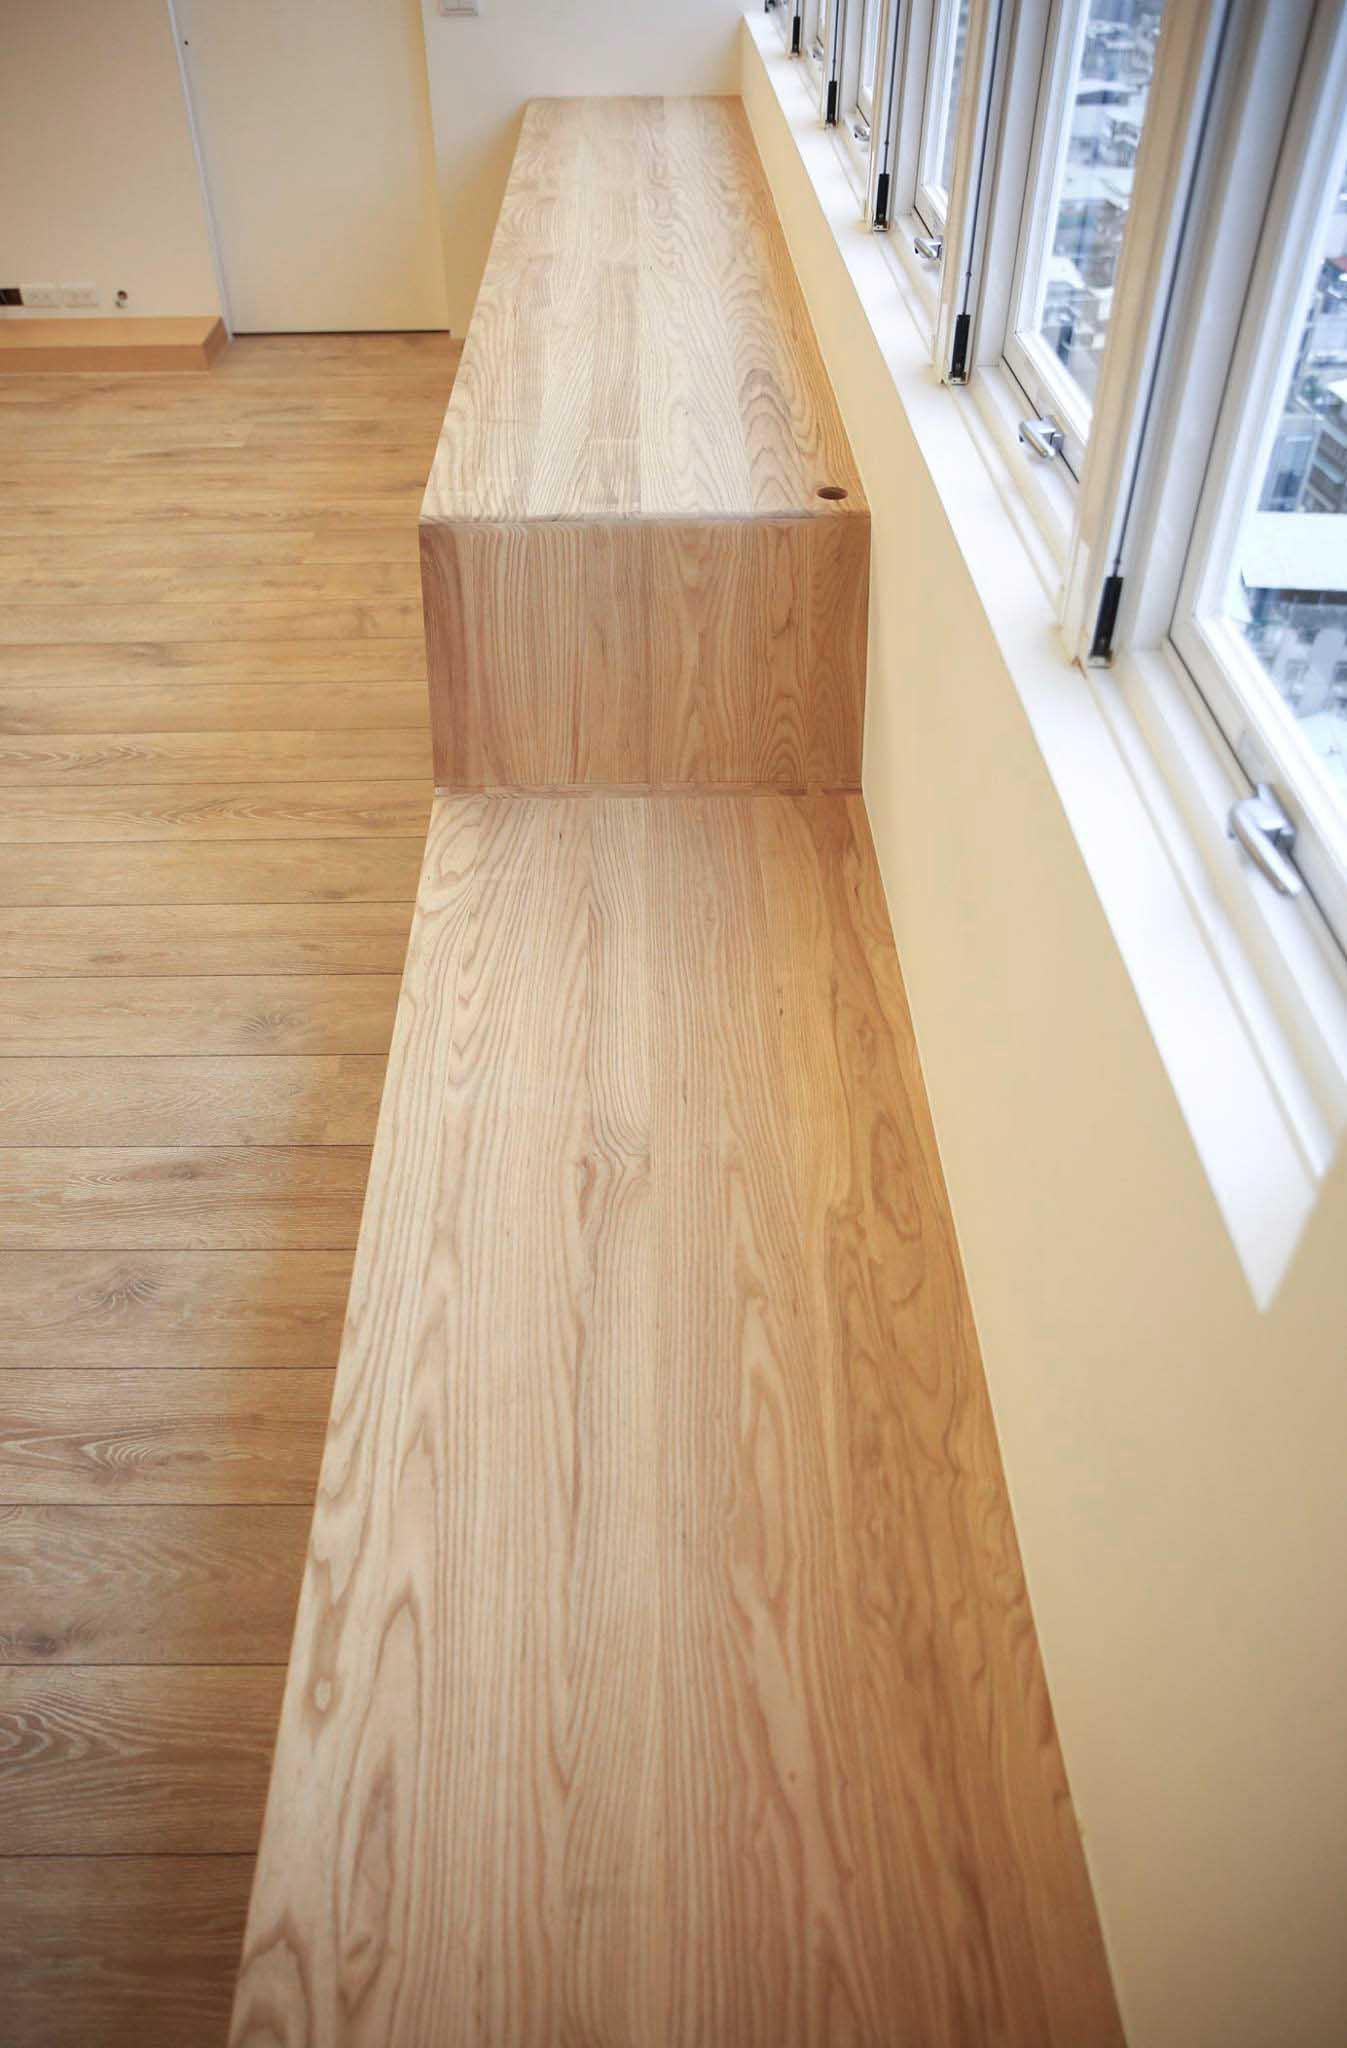 栓木實木經過仔細的挑選與排列,大方又舒朗